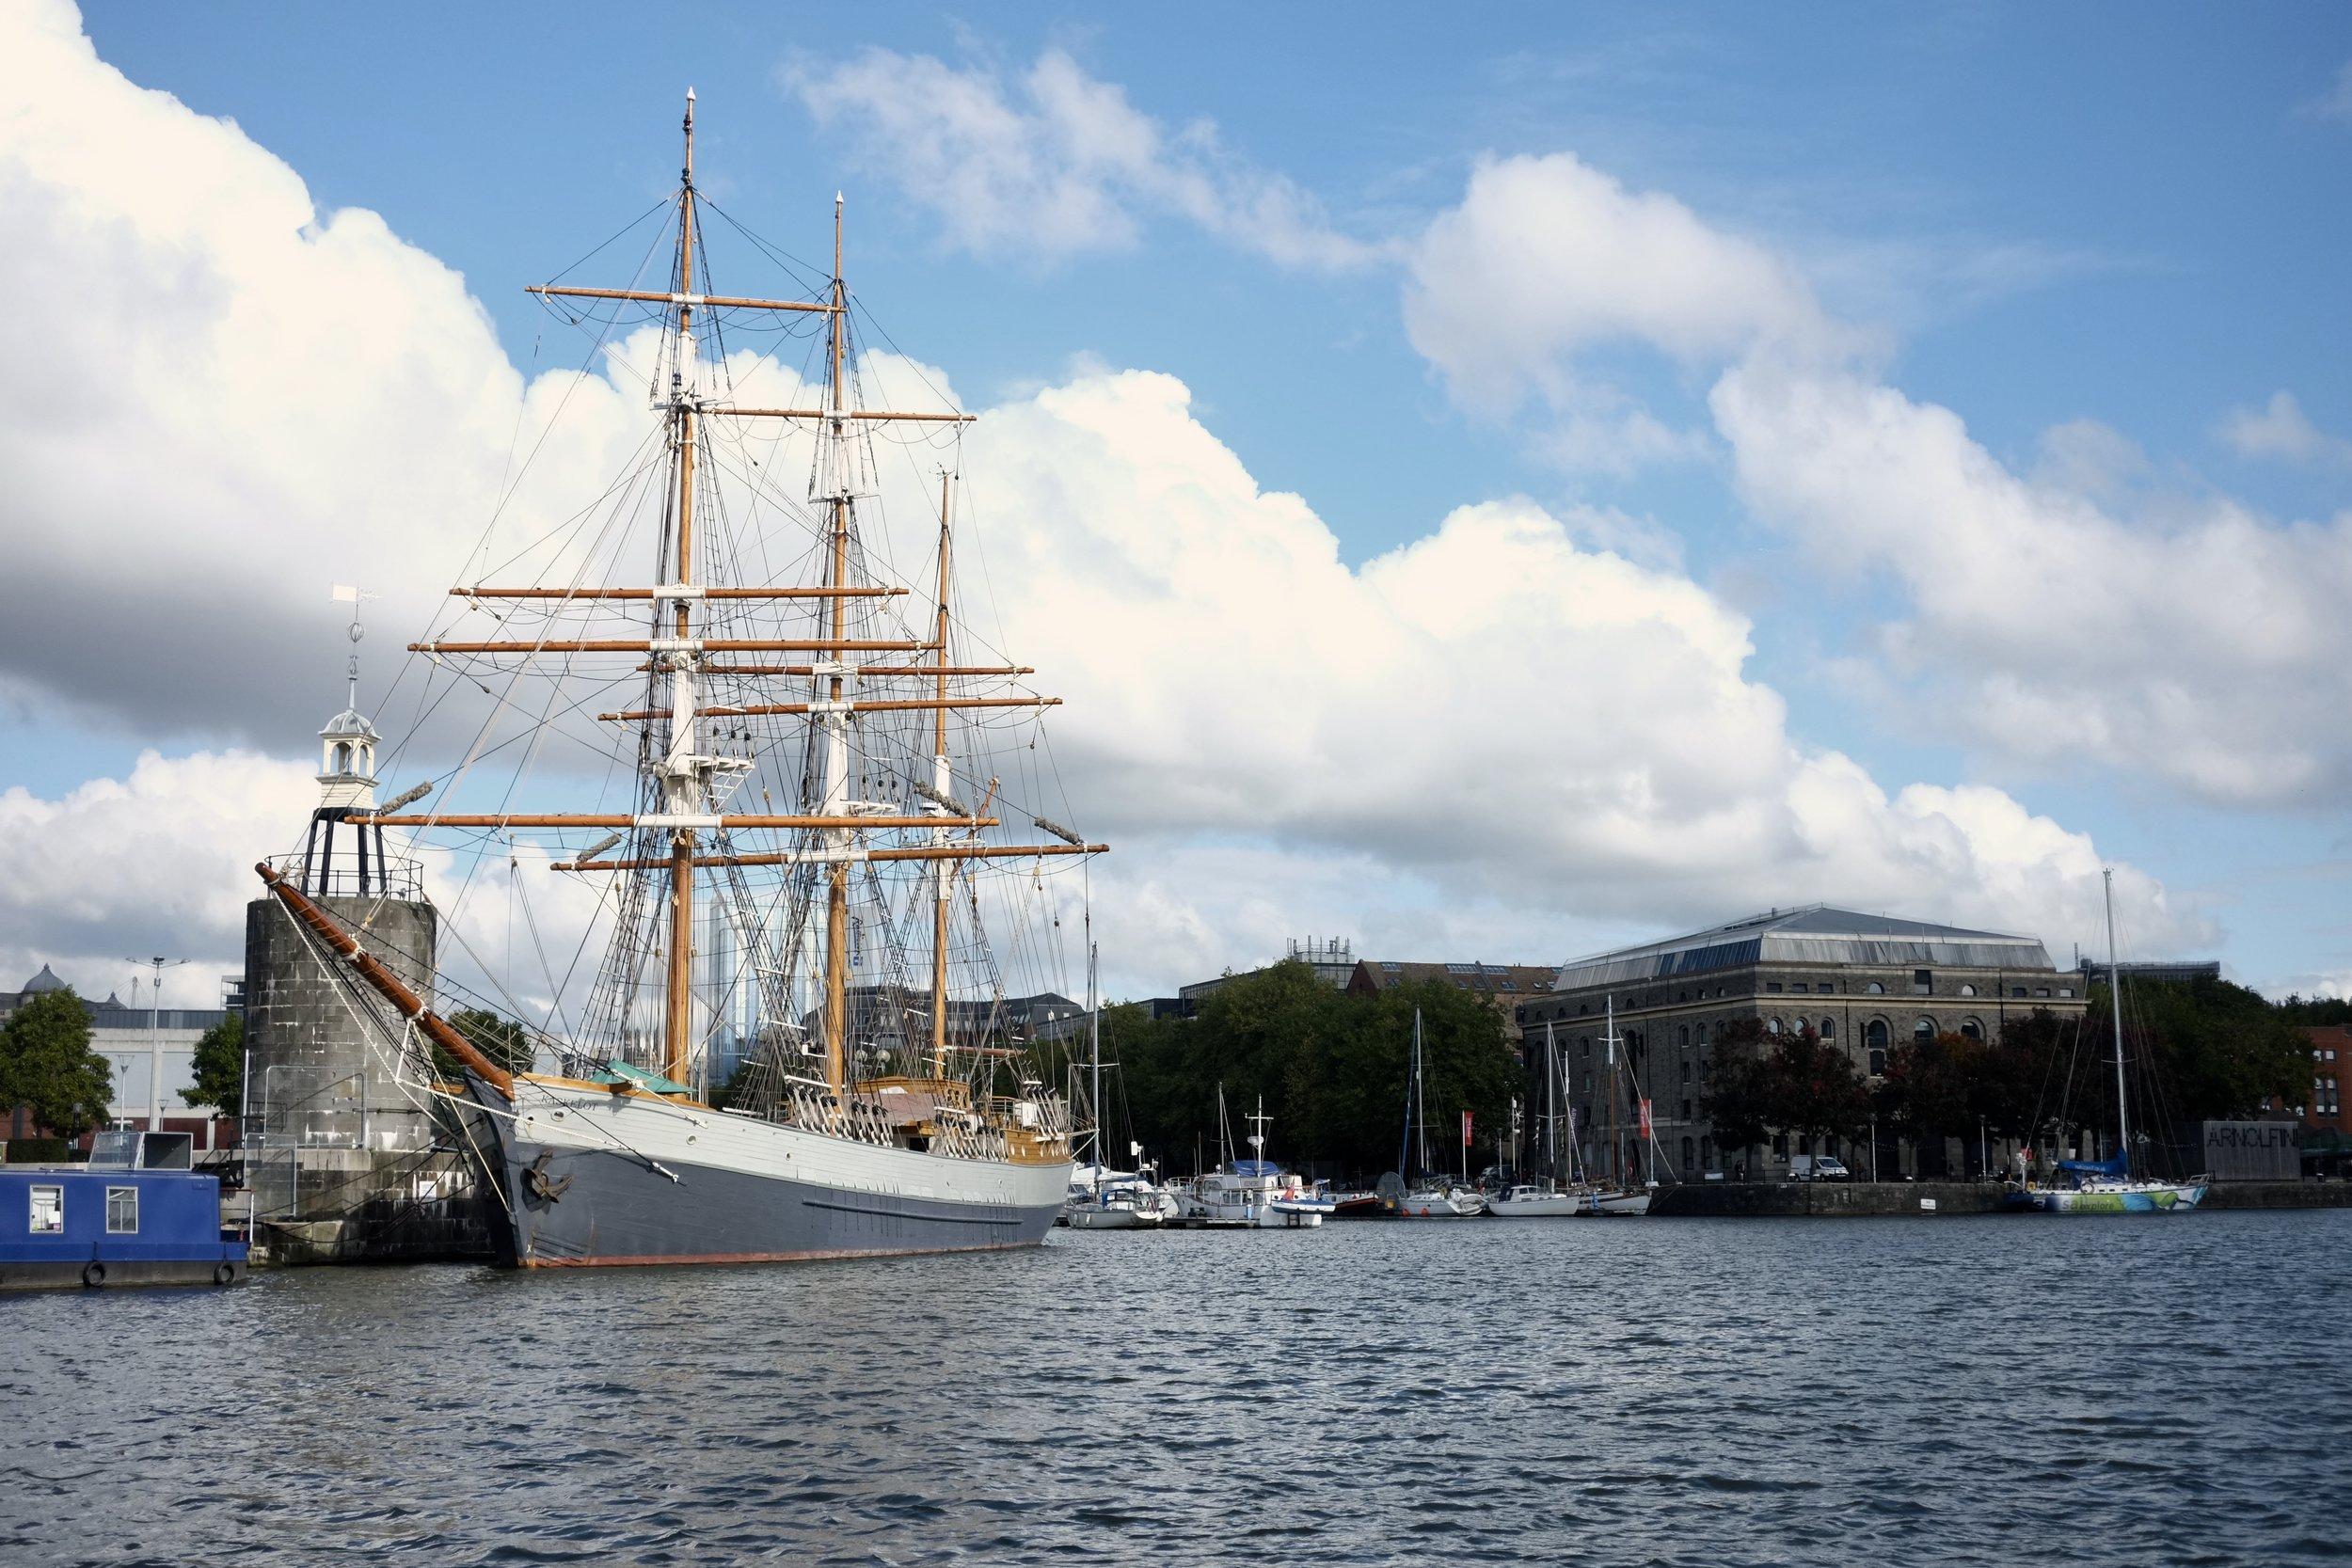 Kaskelot rigging and mast restoration